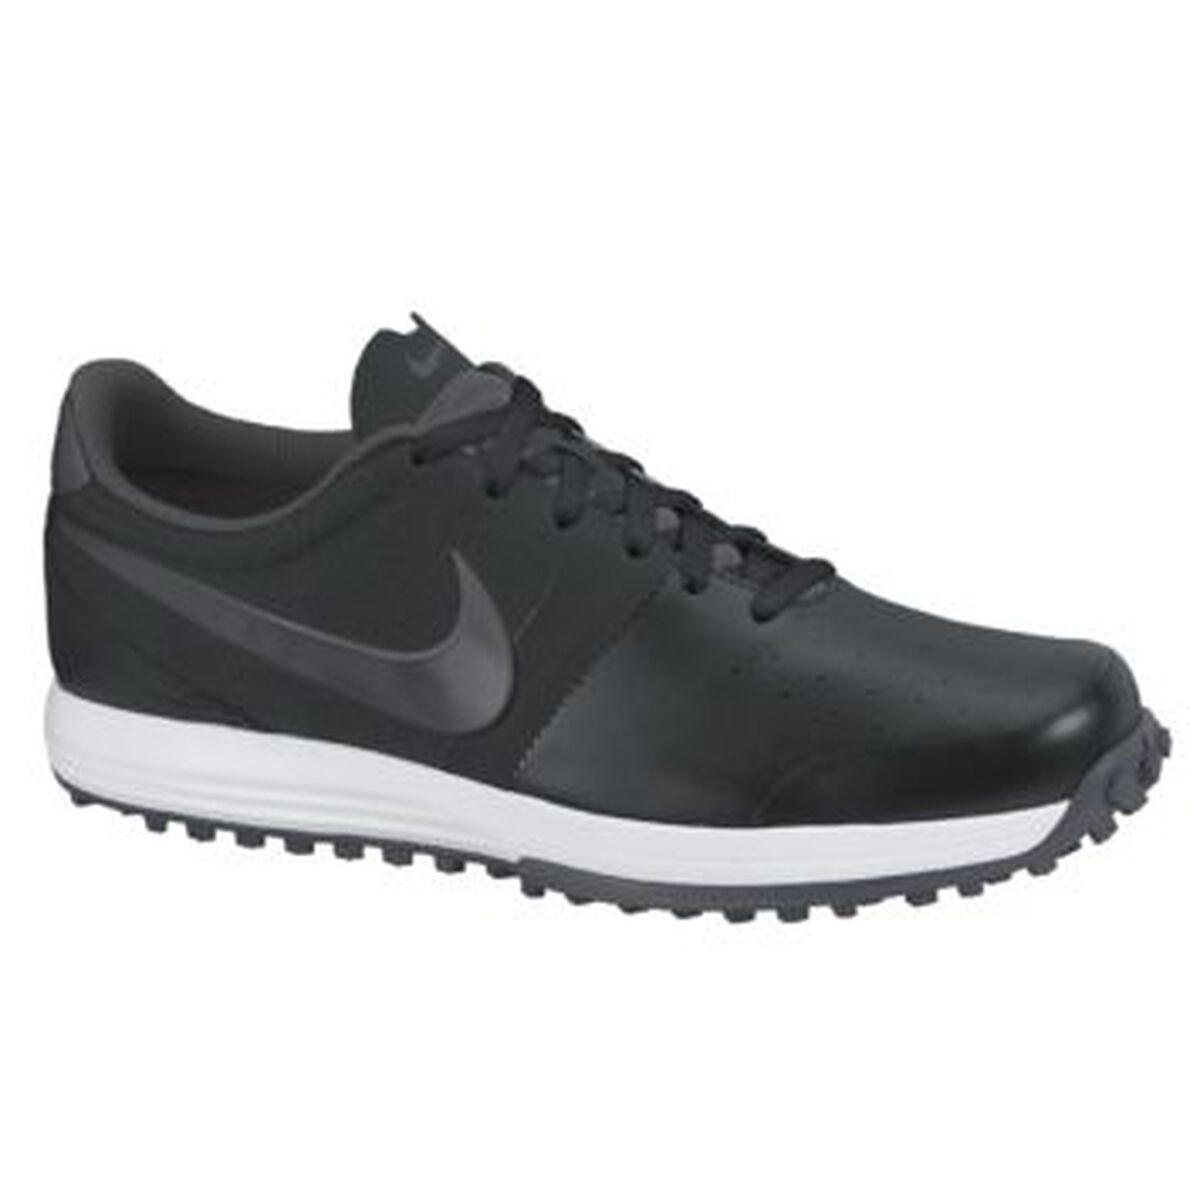 3f2213848 Images. Nike Lunar Mont Royal Men  39 s Golf Shoe - Black White